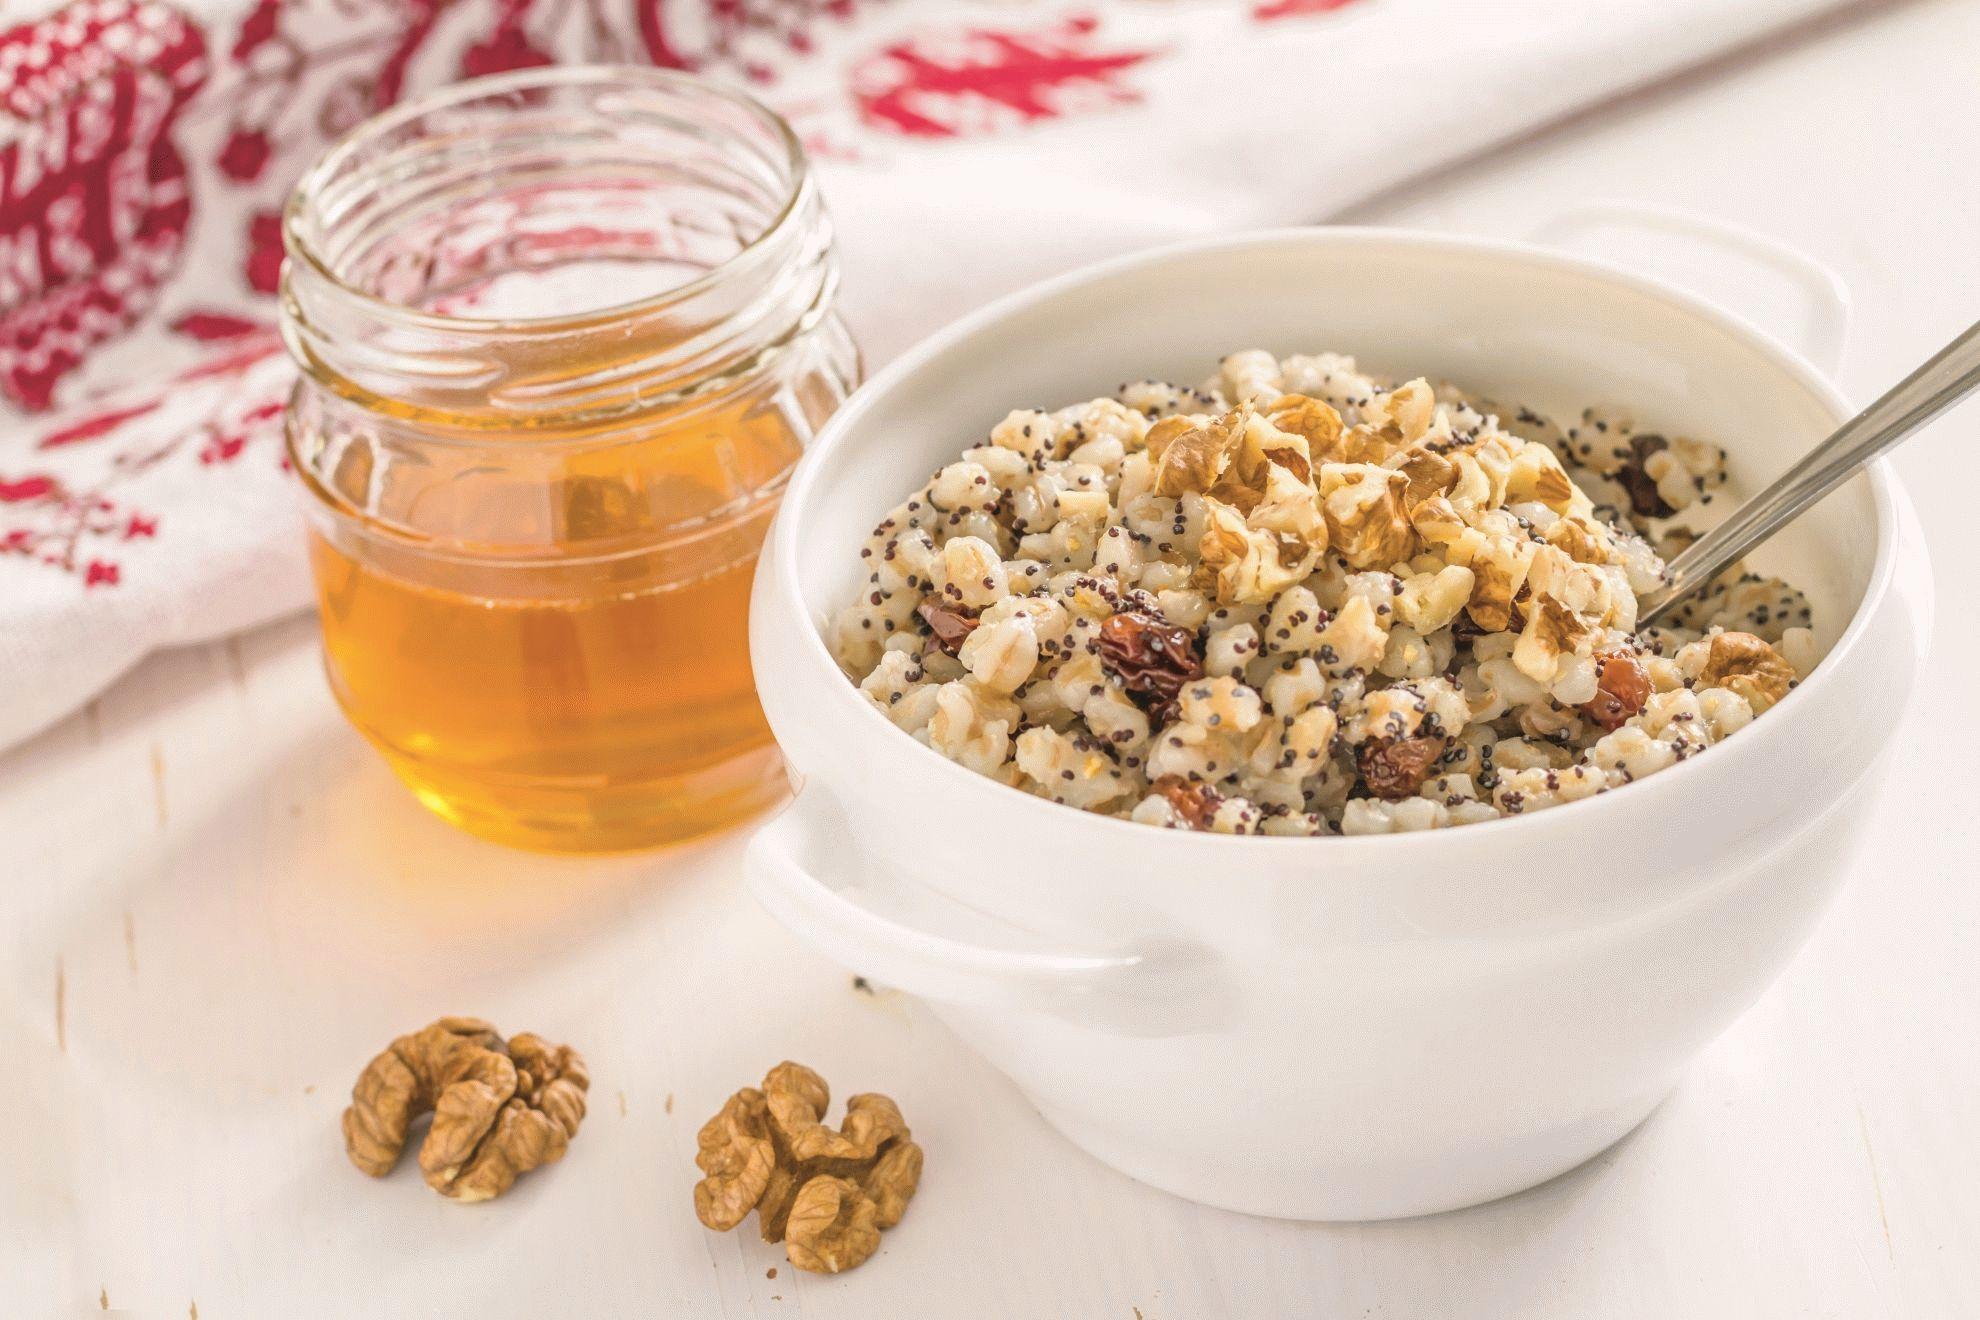 Сырая кутья из пшеницы с медом